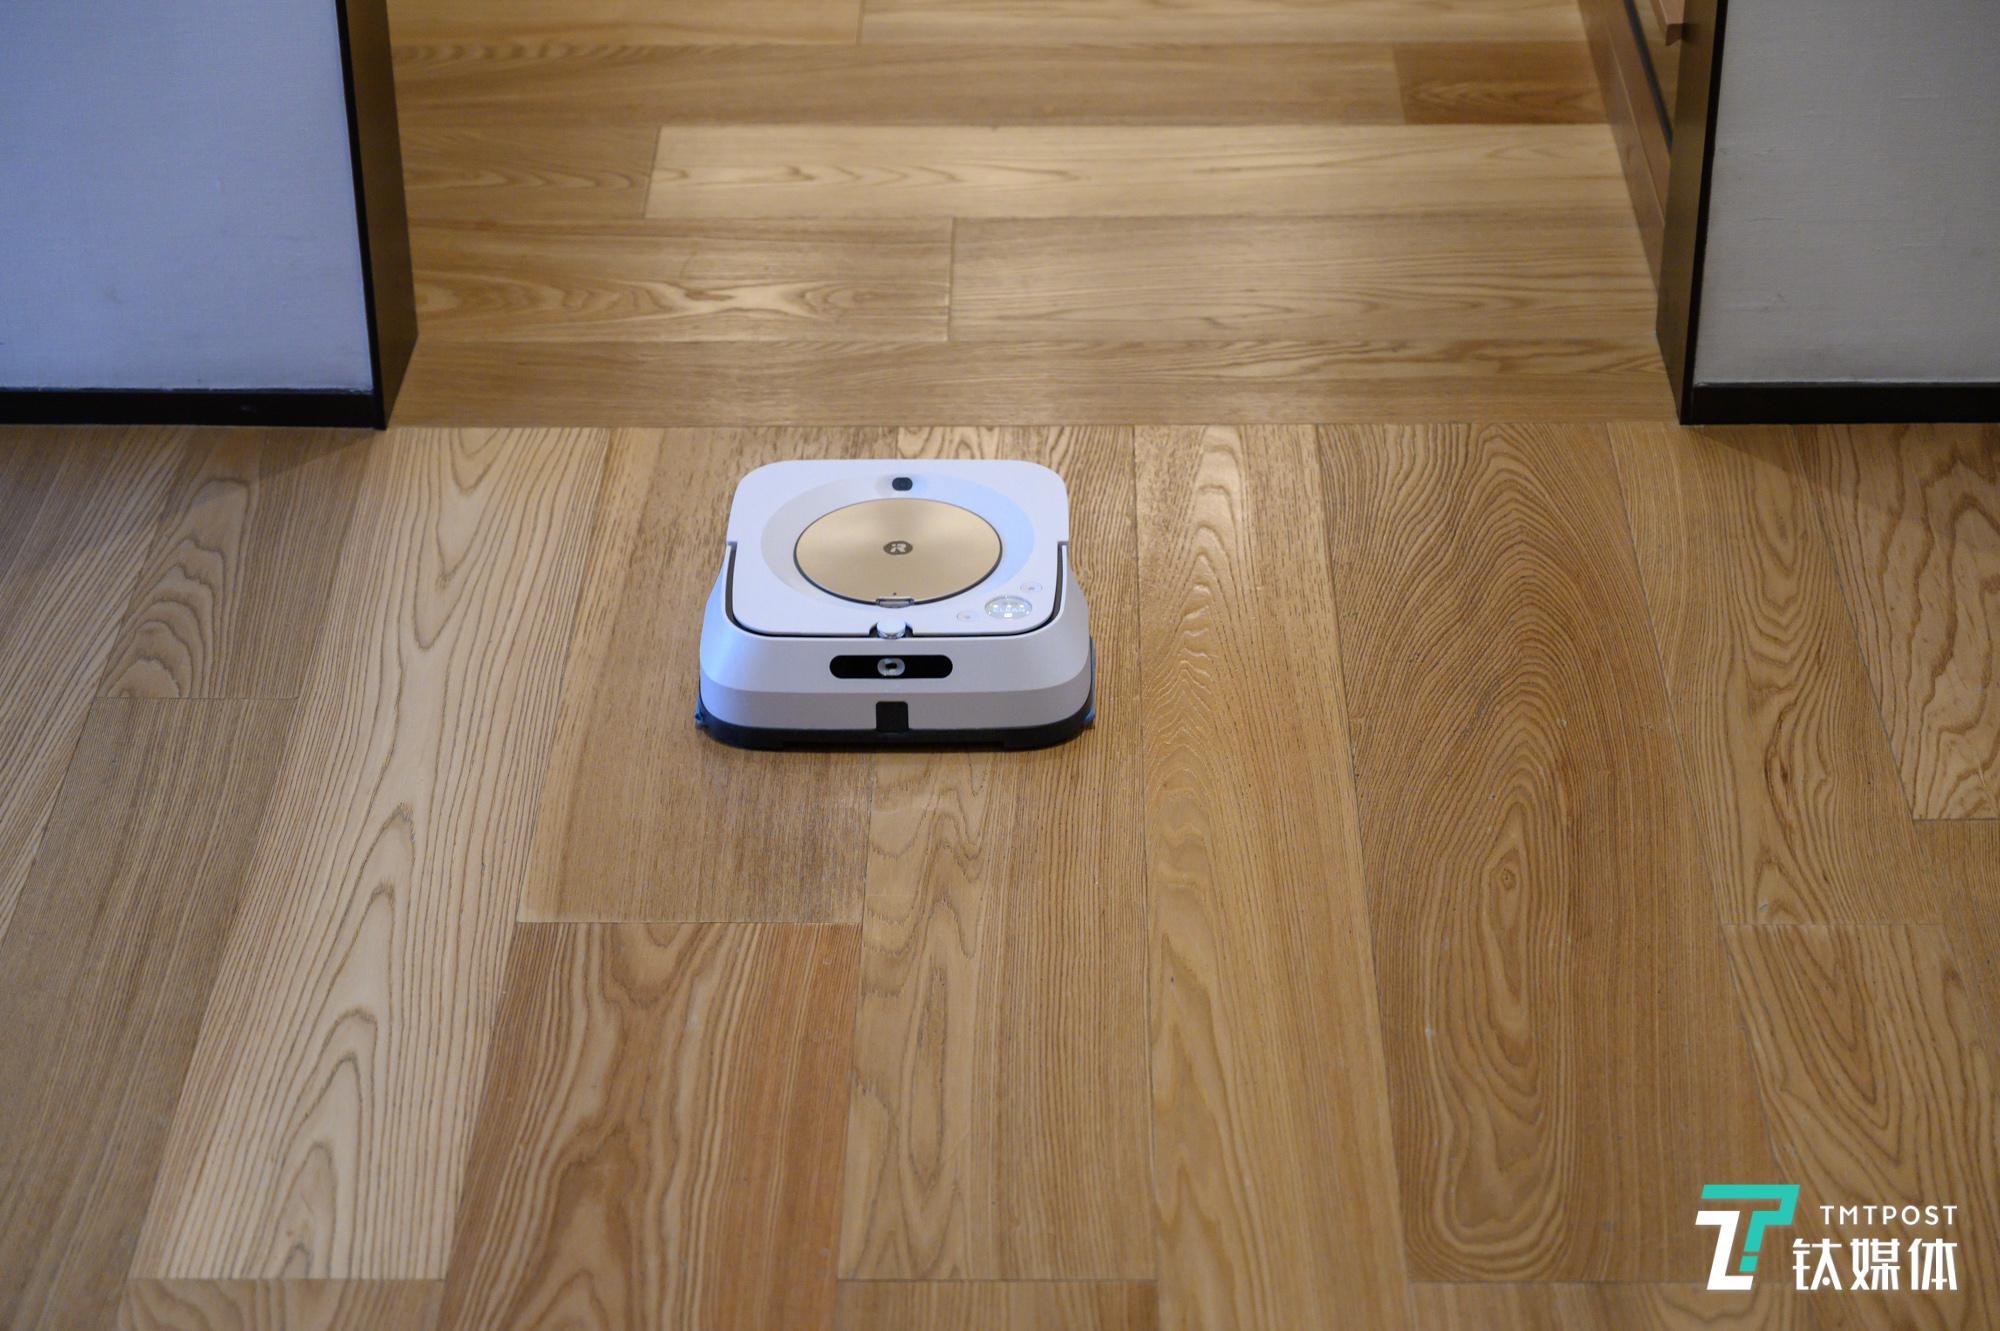 首发搭载Imprint 互联技术,iRobot发布Braava jet m6 擦地机器人 | 钛快讯